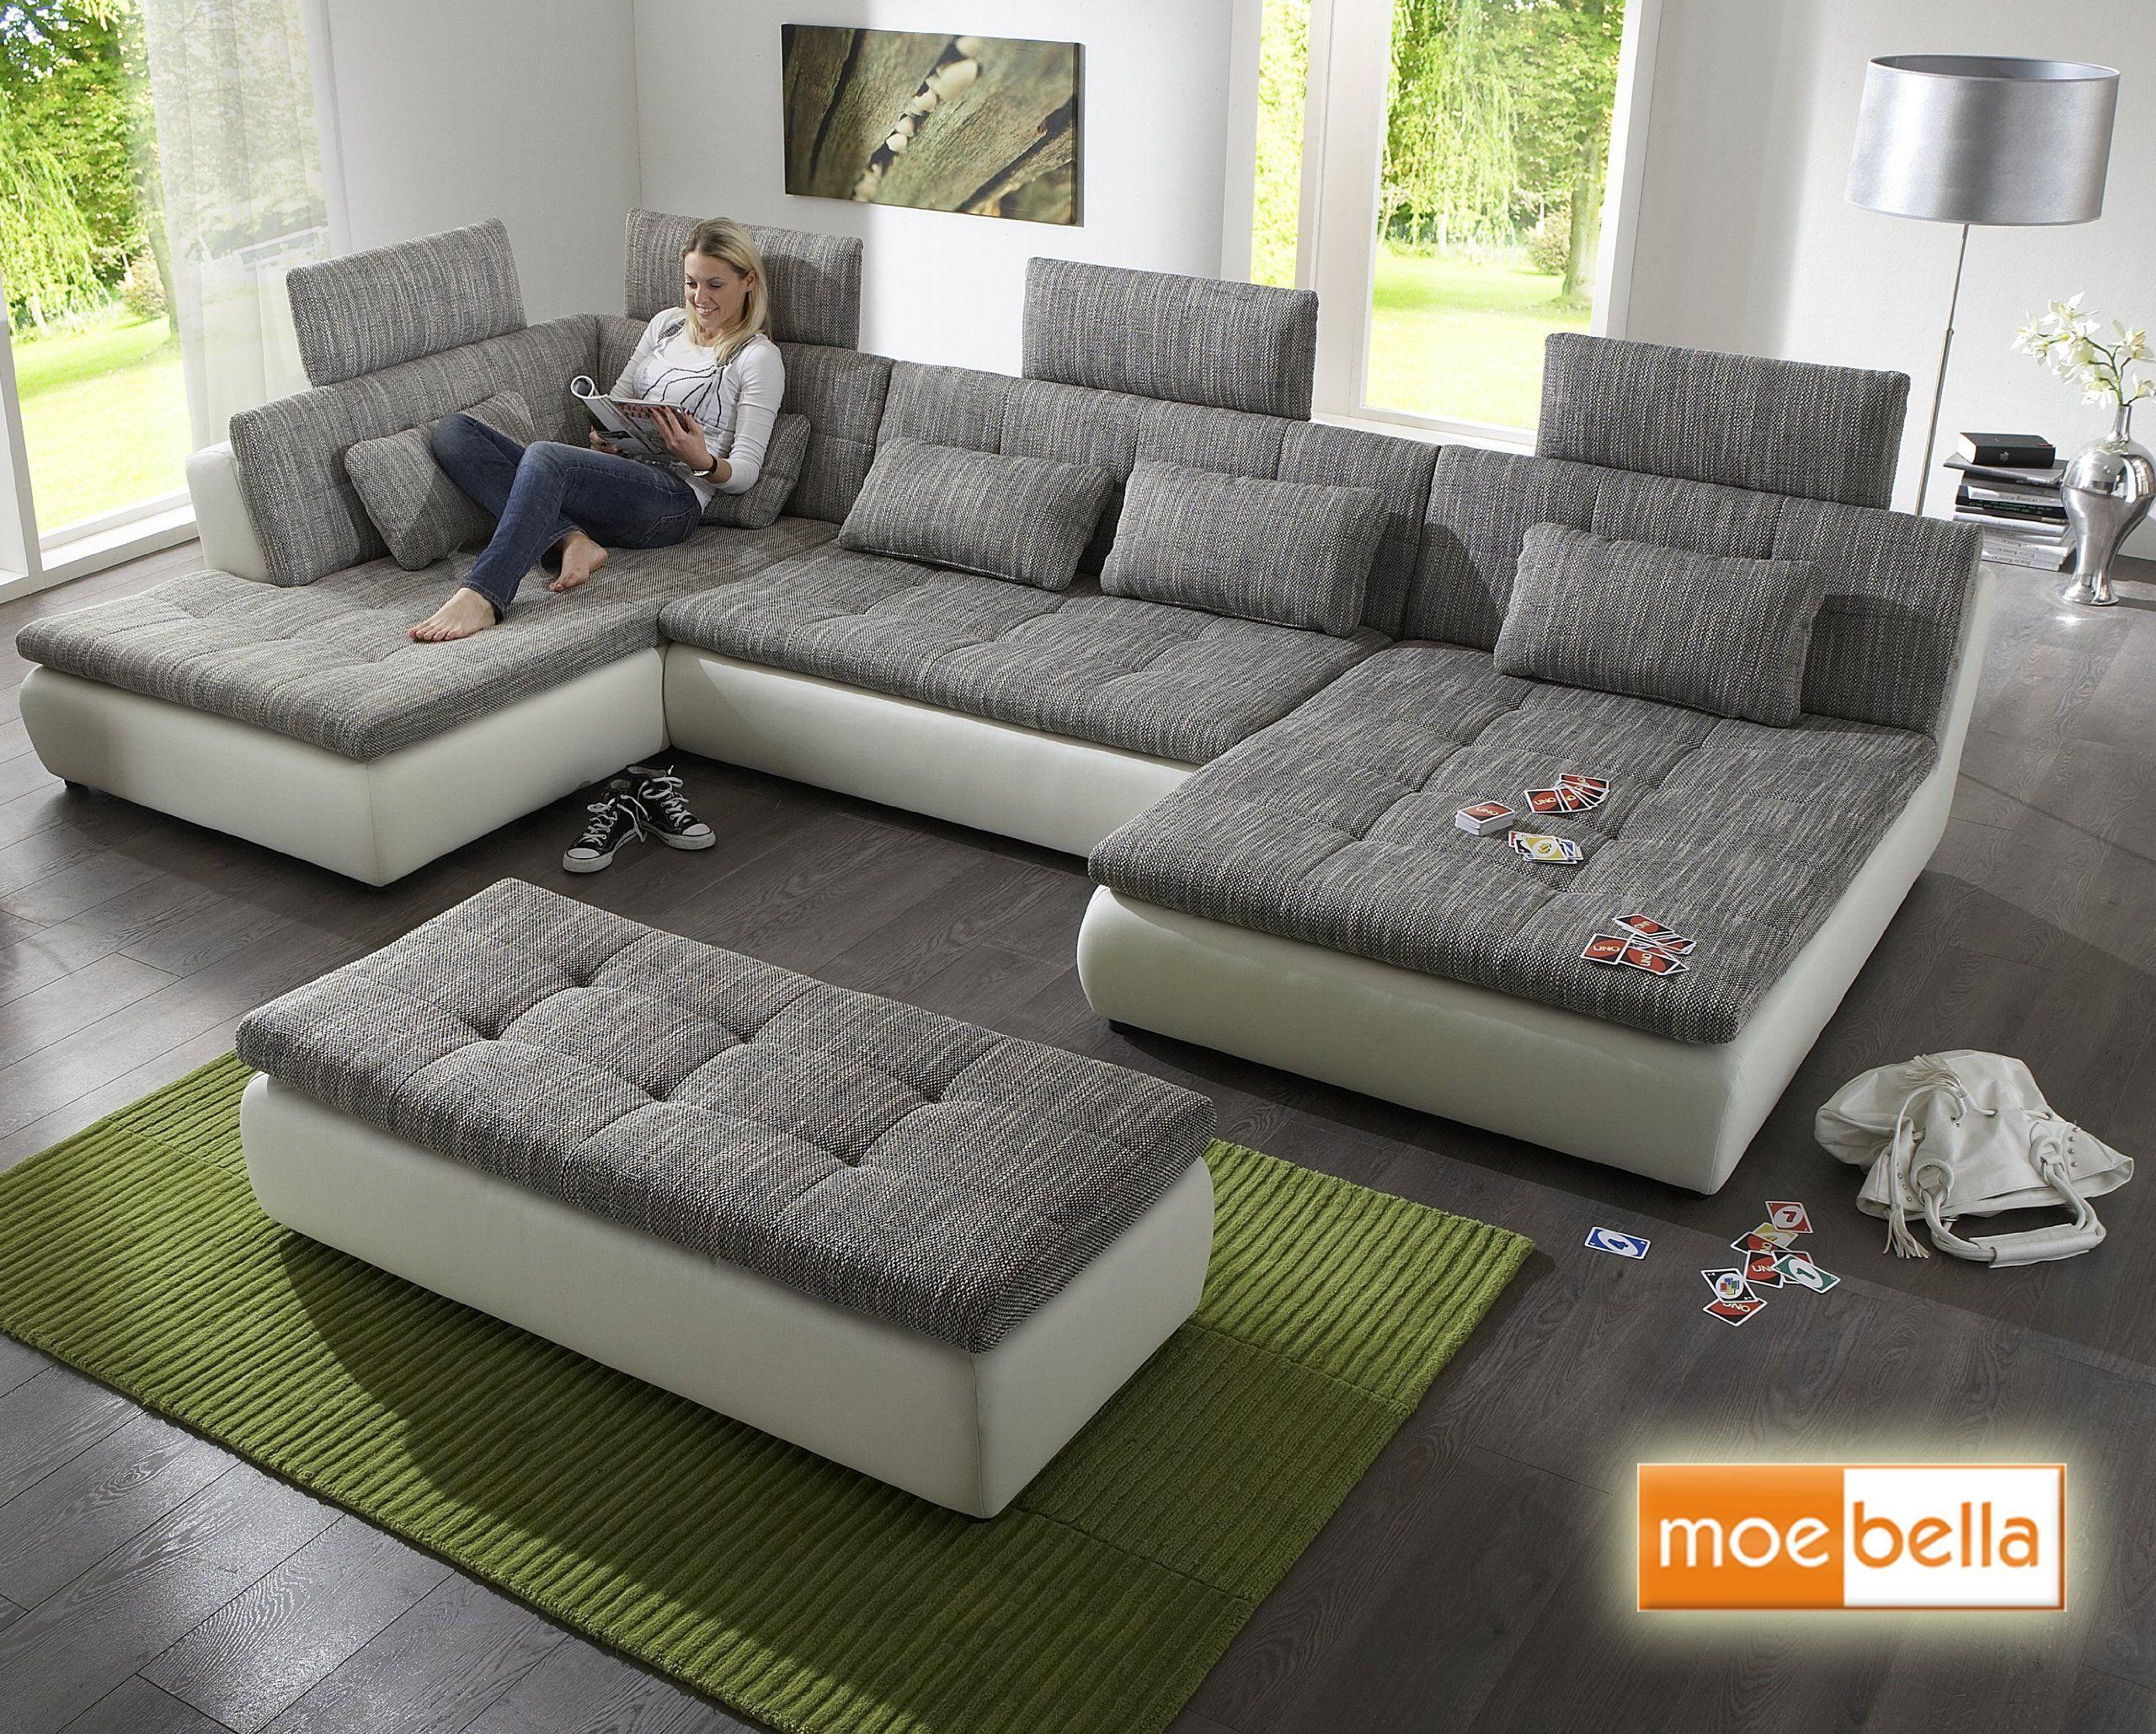 Wohnlandschaft Sofa Free Mit Schlaffunktion Und 4x Kopfststzen Ecksofa Leder Schlafsofa Schlafcou In 2020 Modern Furniture Living Room Sofa Design Living Room Sofa Set